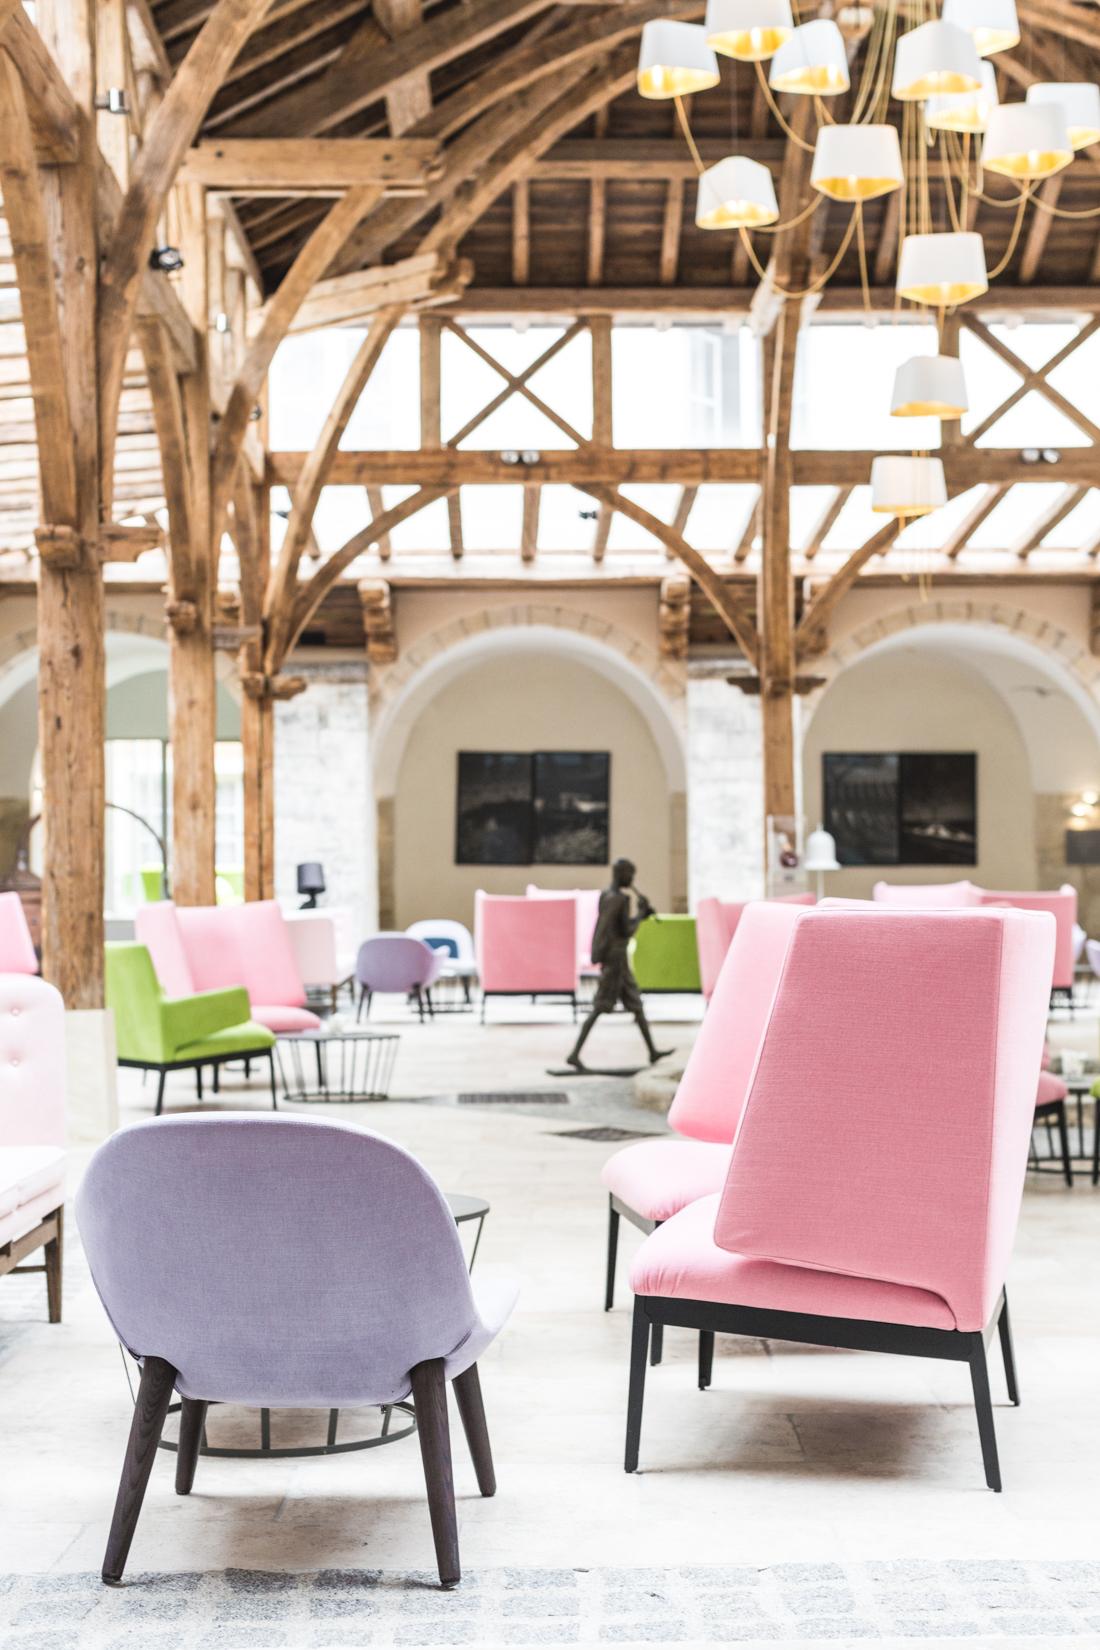 VP_loccitane_en_provence_terre_de_lumiere_hotel_couvent_des_minimes_copyright_PaulinePRIVEZ_paulinefashionblog_com-17